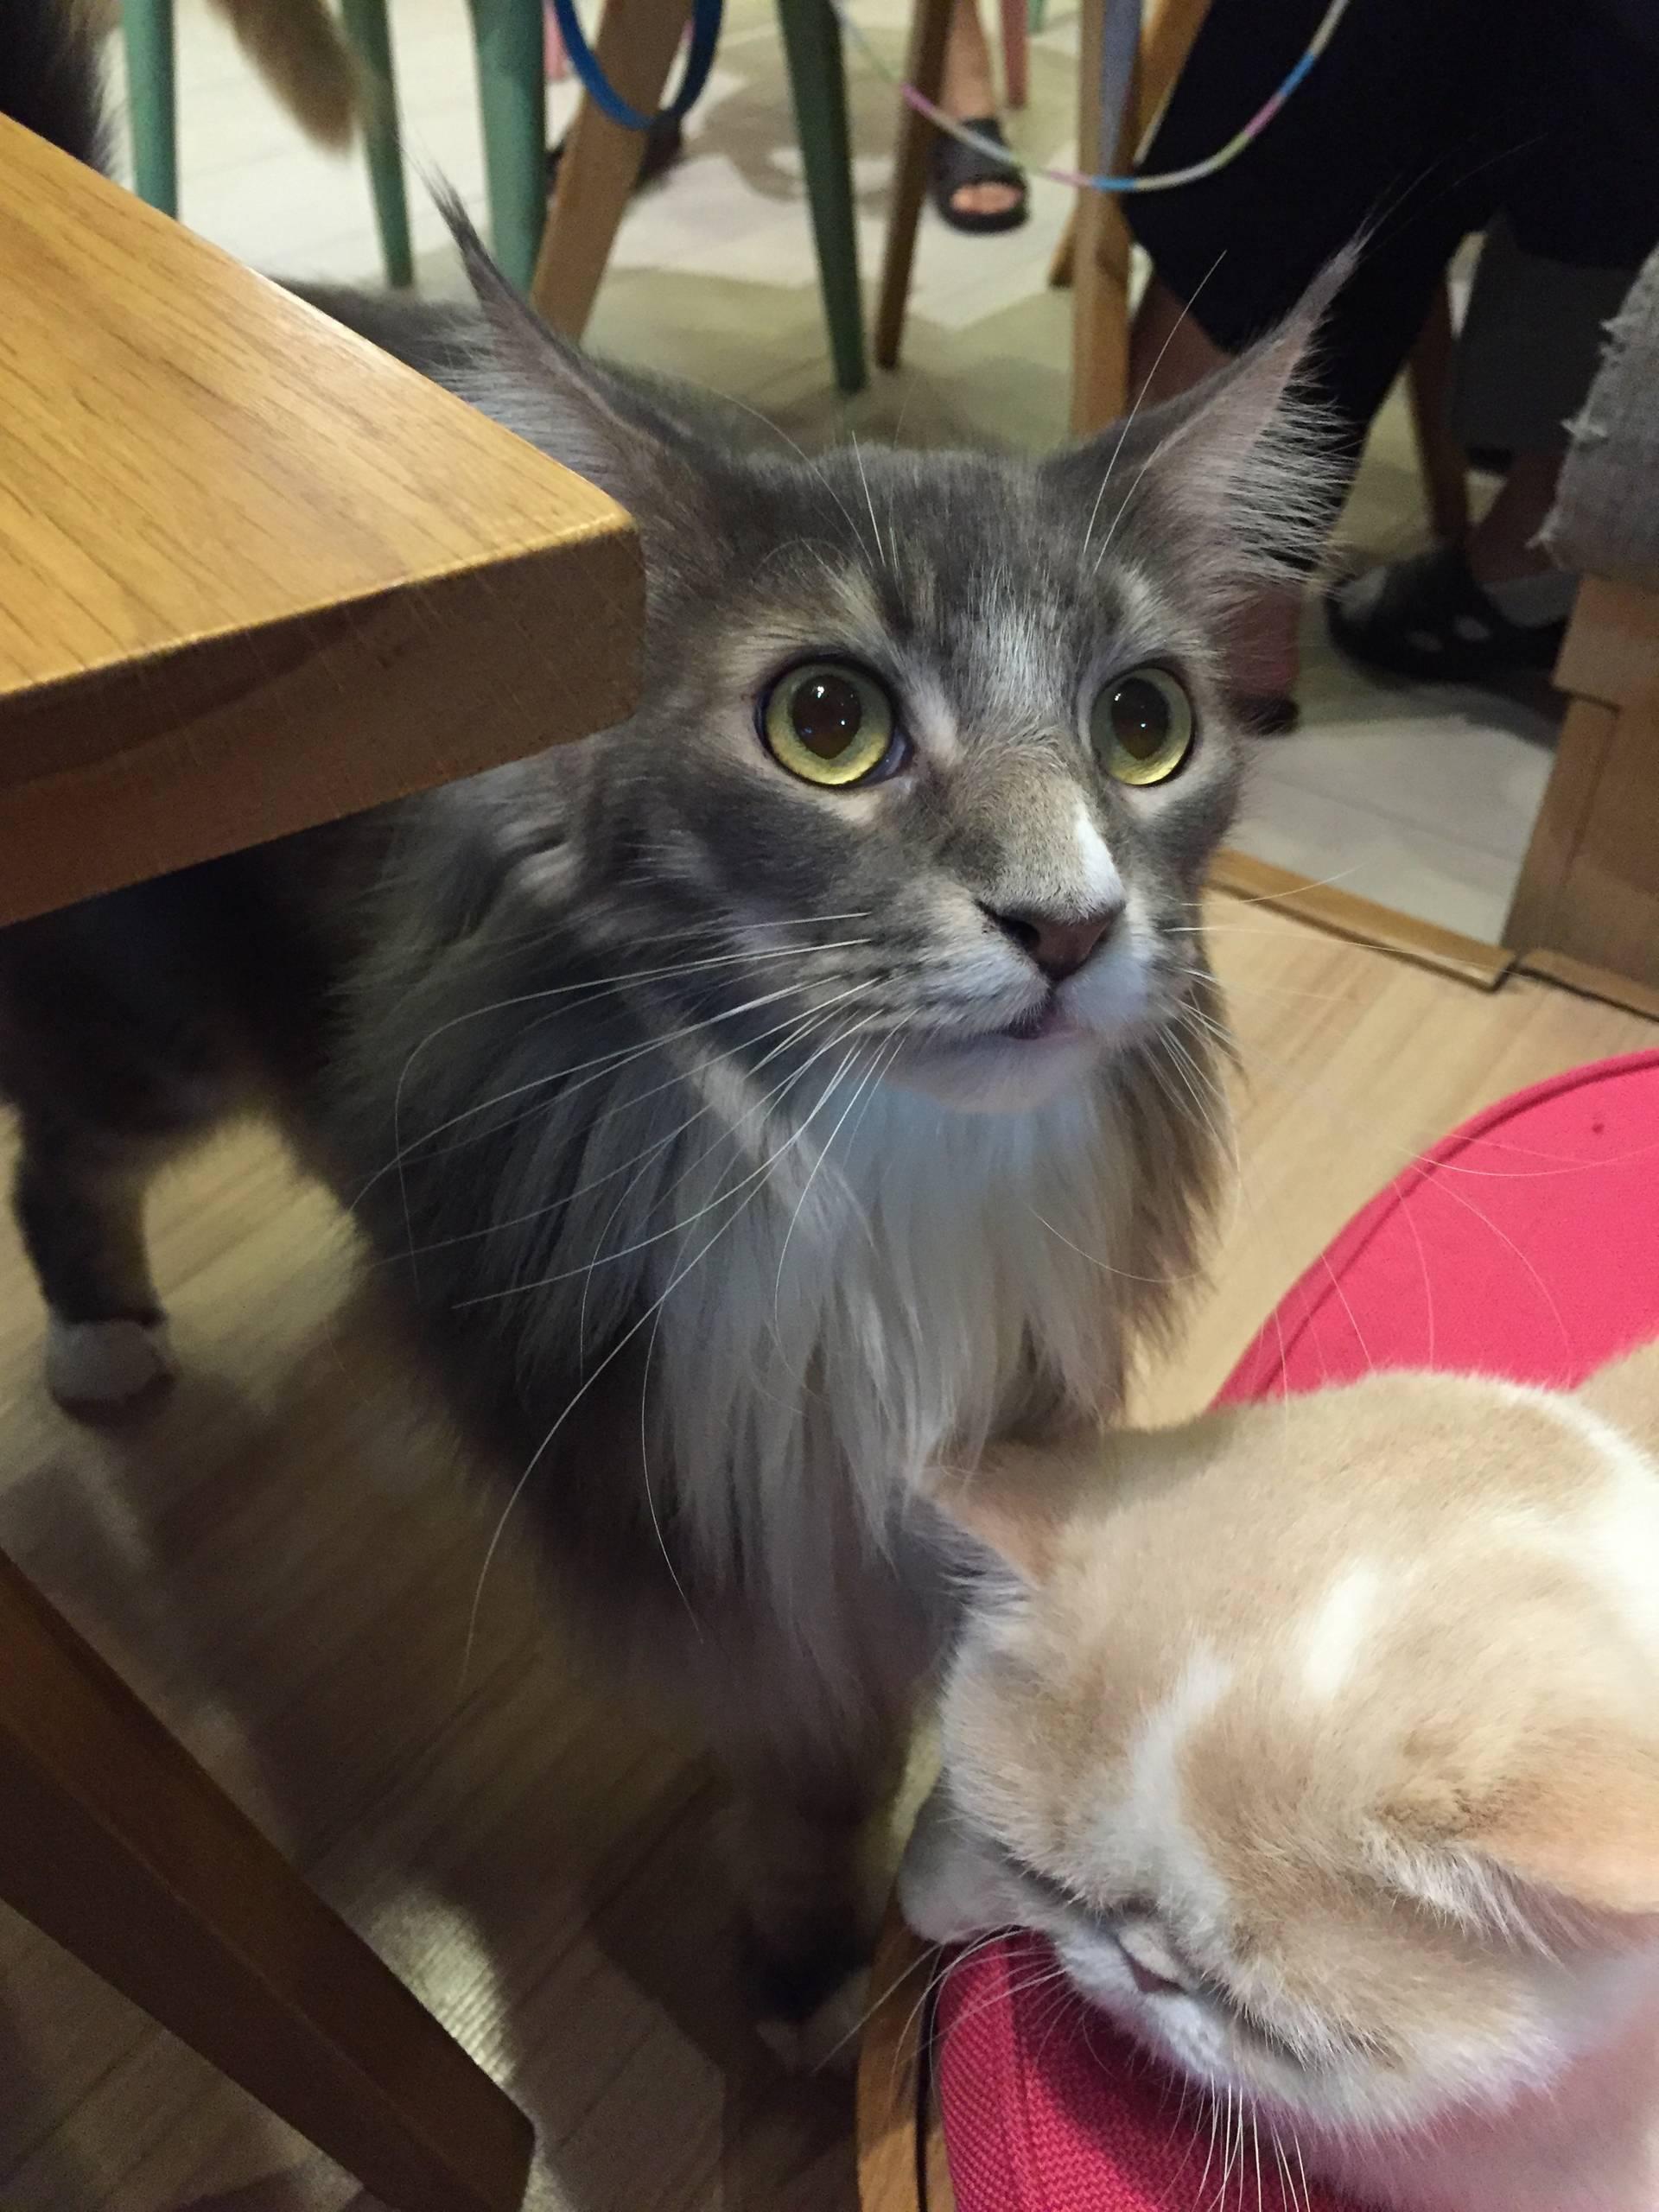 บรรยากาศร้าน • เจ้าแมวยักษ์ ที่ ร้านอาหาร Cat Up Cafe The UP Rama 3